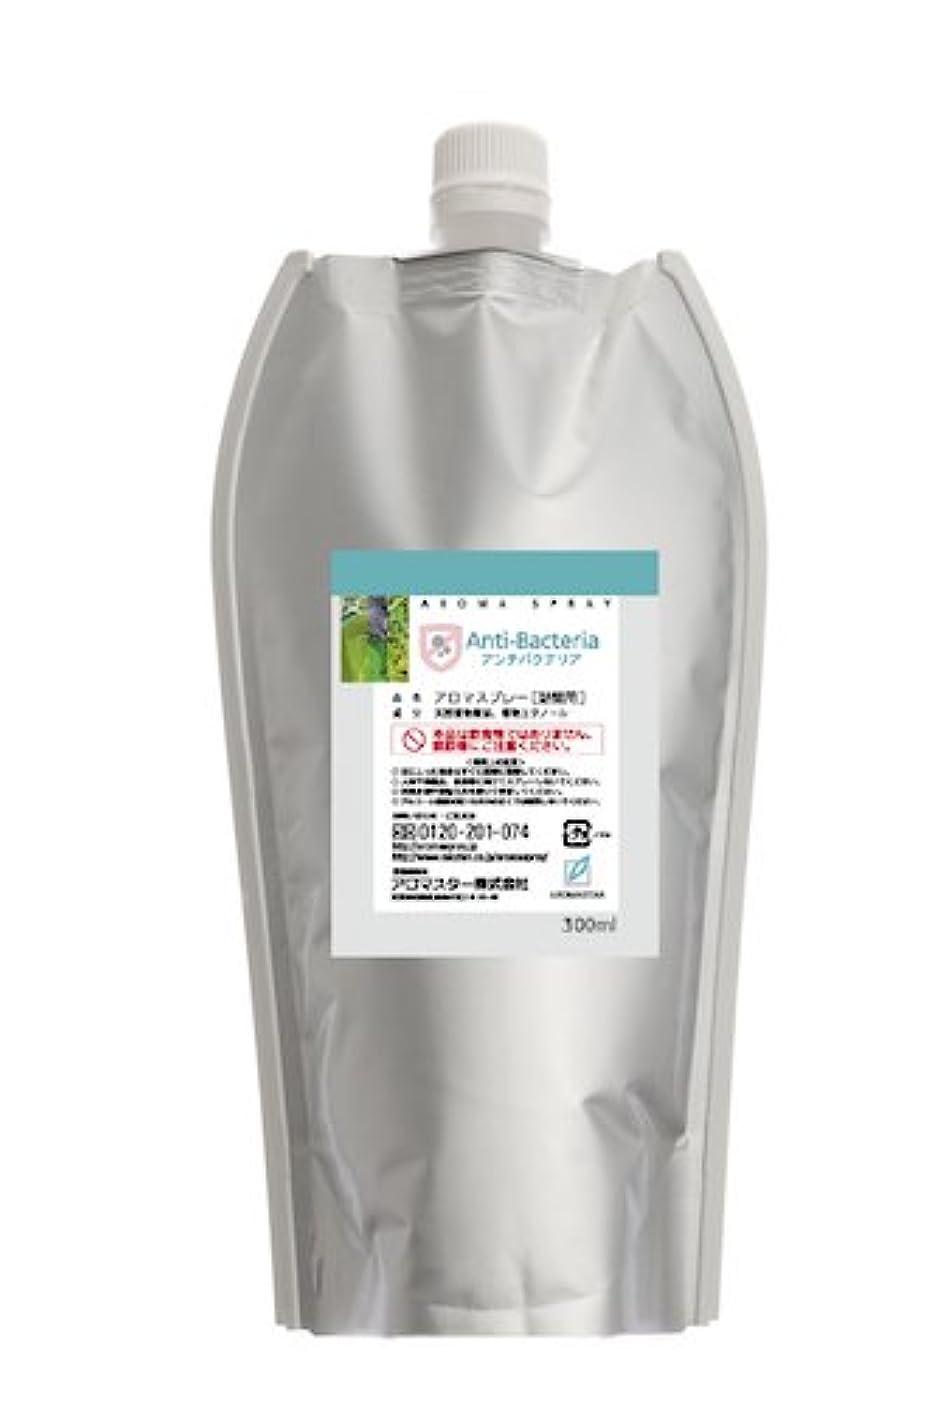 効率的に懐疑論午後AROMASTAR(アロマスター) アロマスプレー アンチバクテリア 300ml詰替用(エコパック)